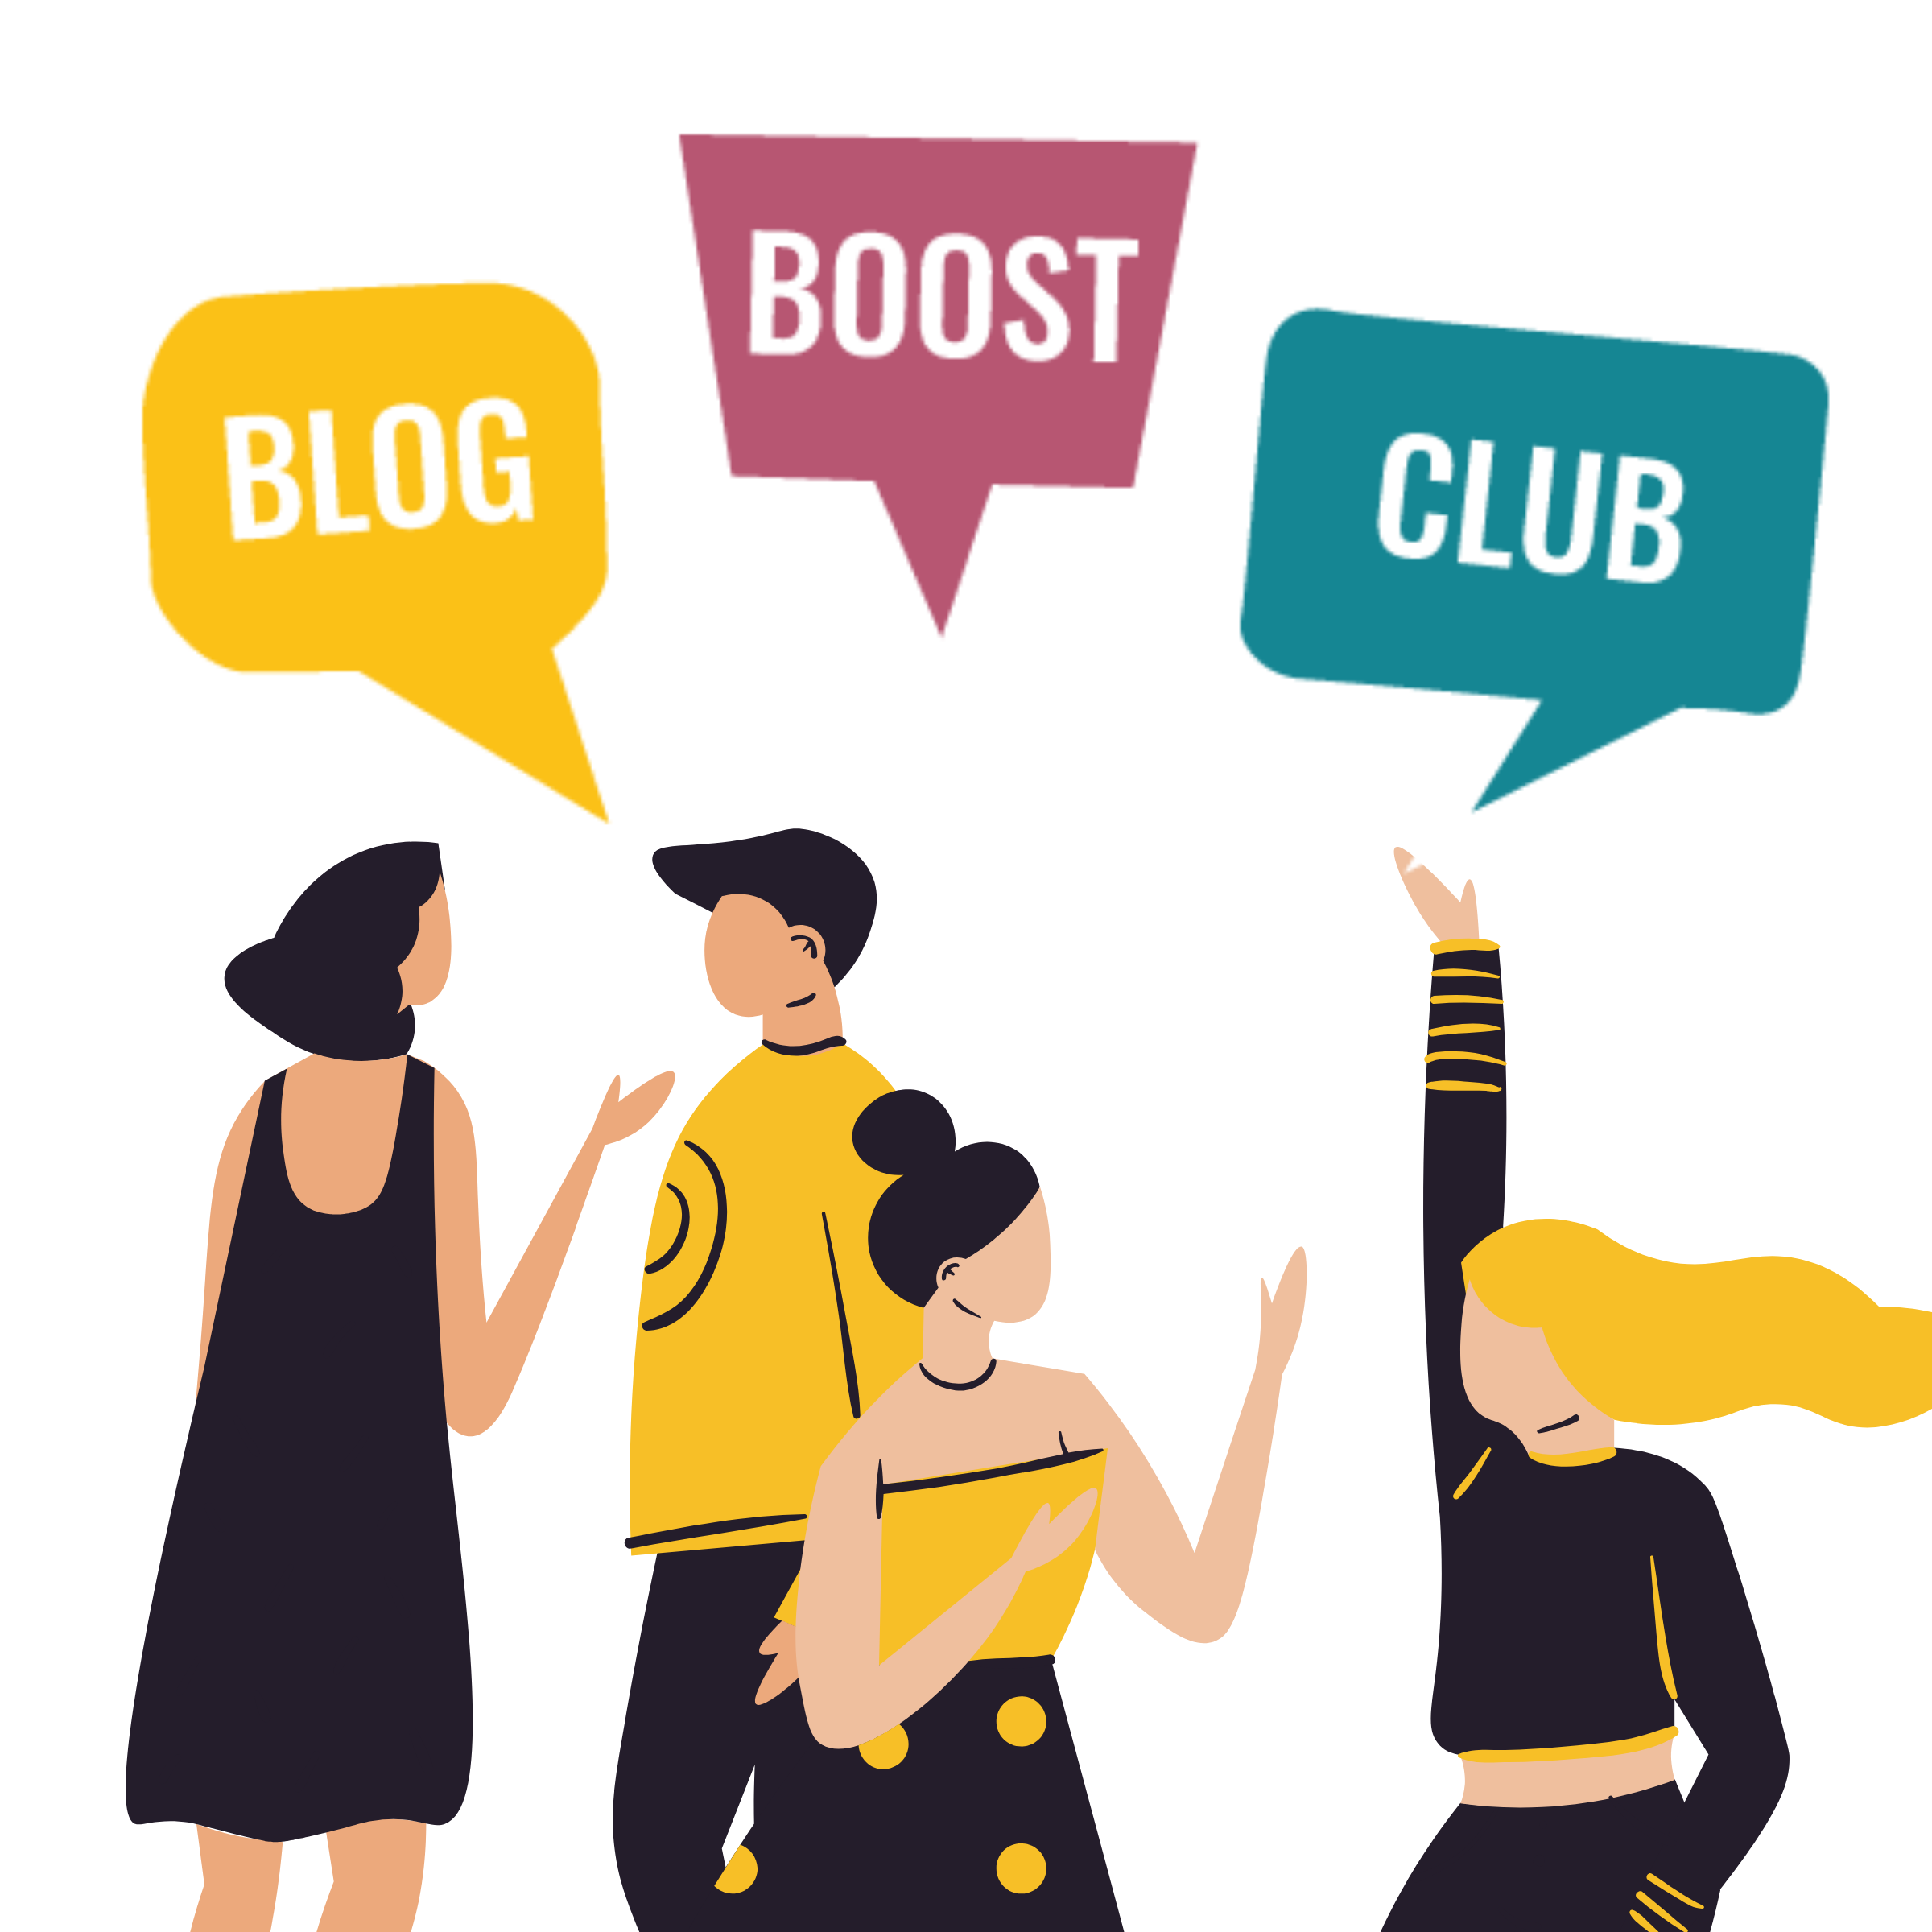 BlogBoost Club - Erfolgreich Bloggen leicht gemacht!   Blogger-Coaching.de - Tipps & Kurse für Blogger